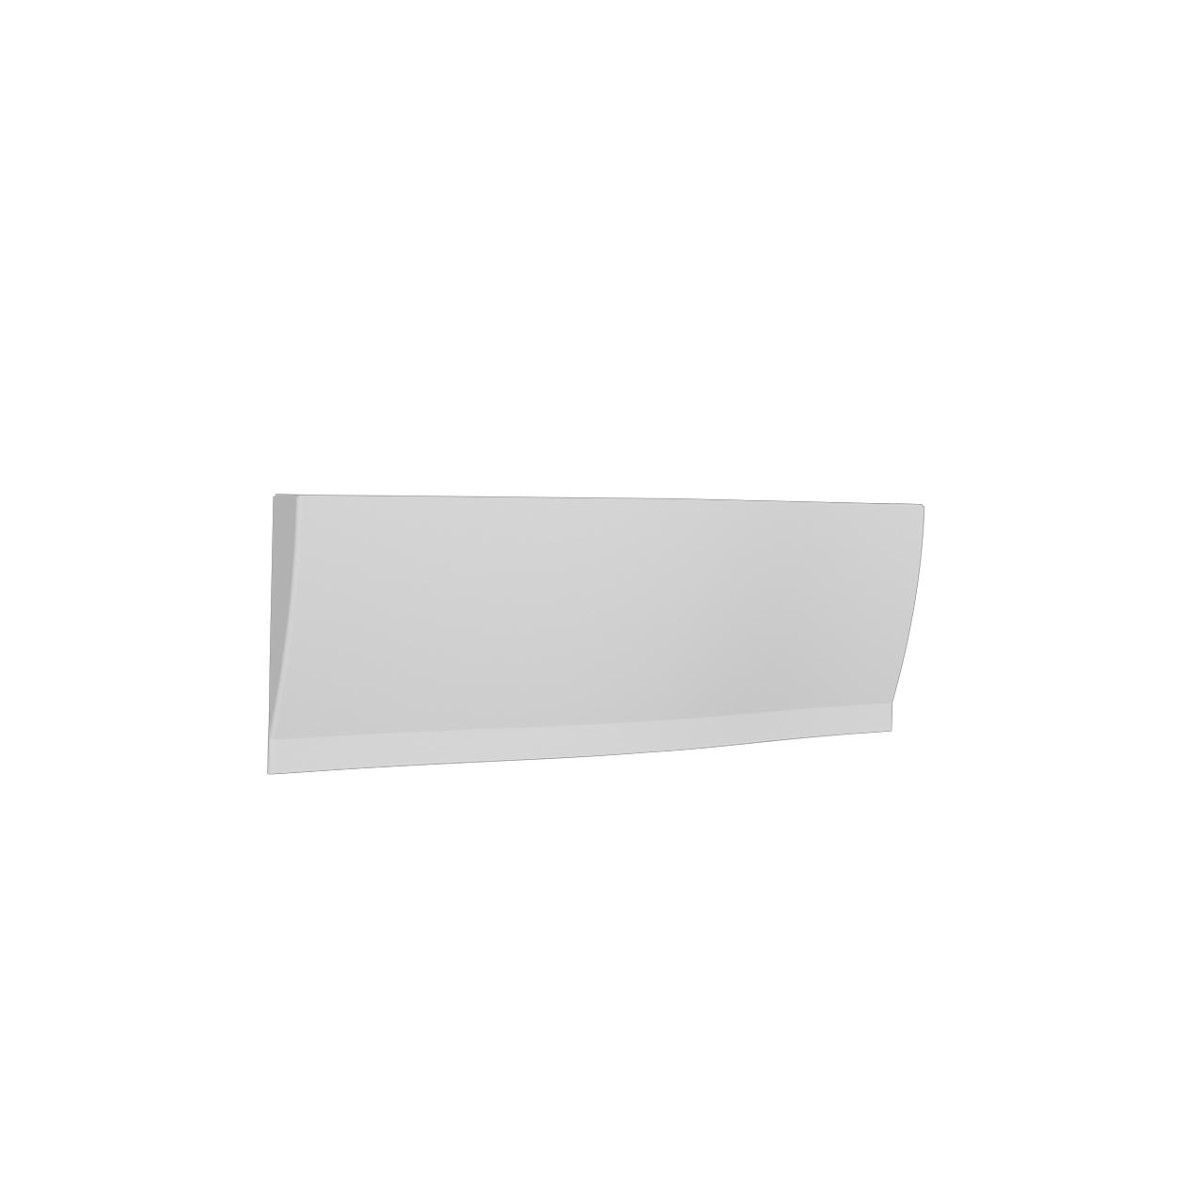 Передняя панель для ванны Ravak Magnolia 180 см CZ61000A00